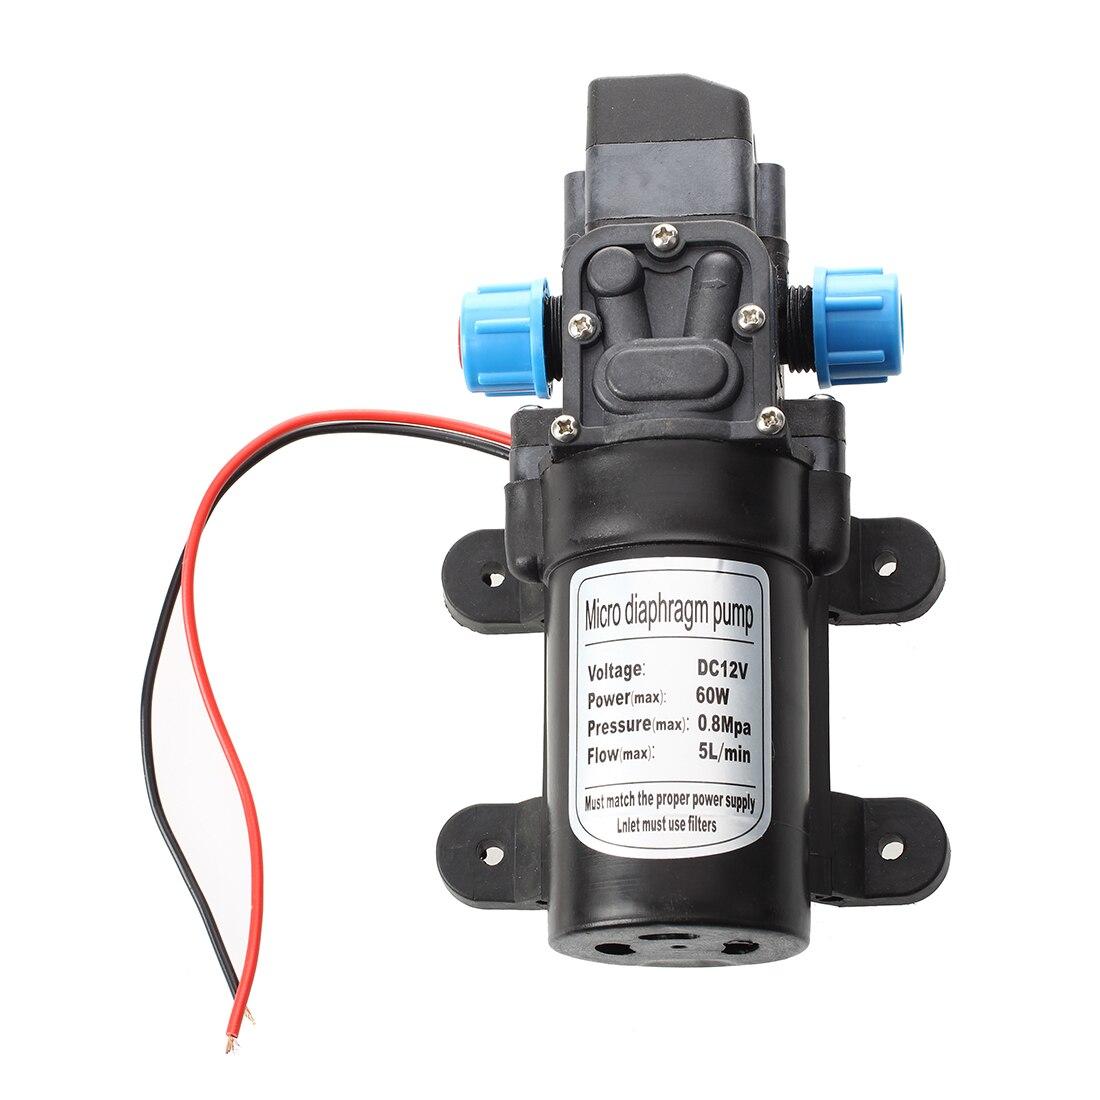 Desligamento automático 5l/min da bomba de água de alta pressão preta da membrana da c.c. 12 v 60 w mini